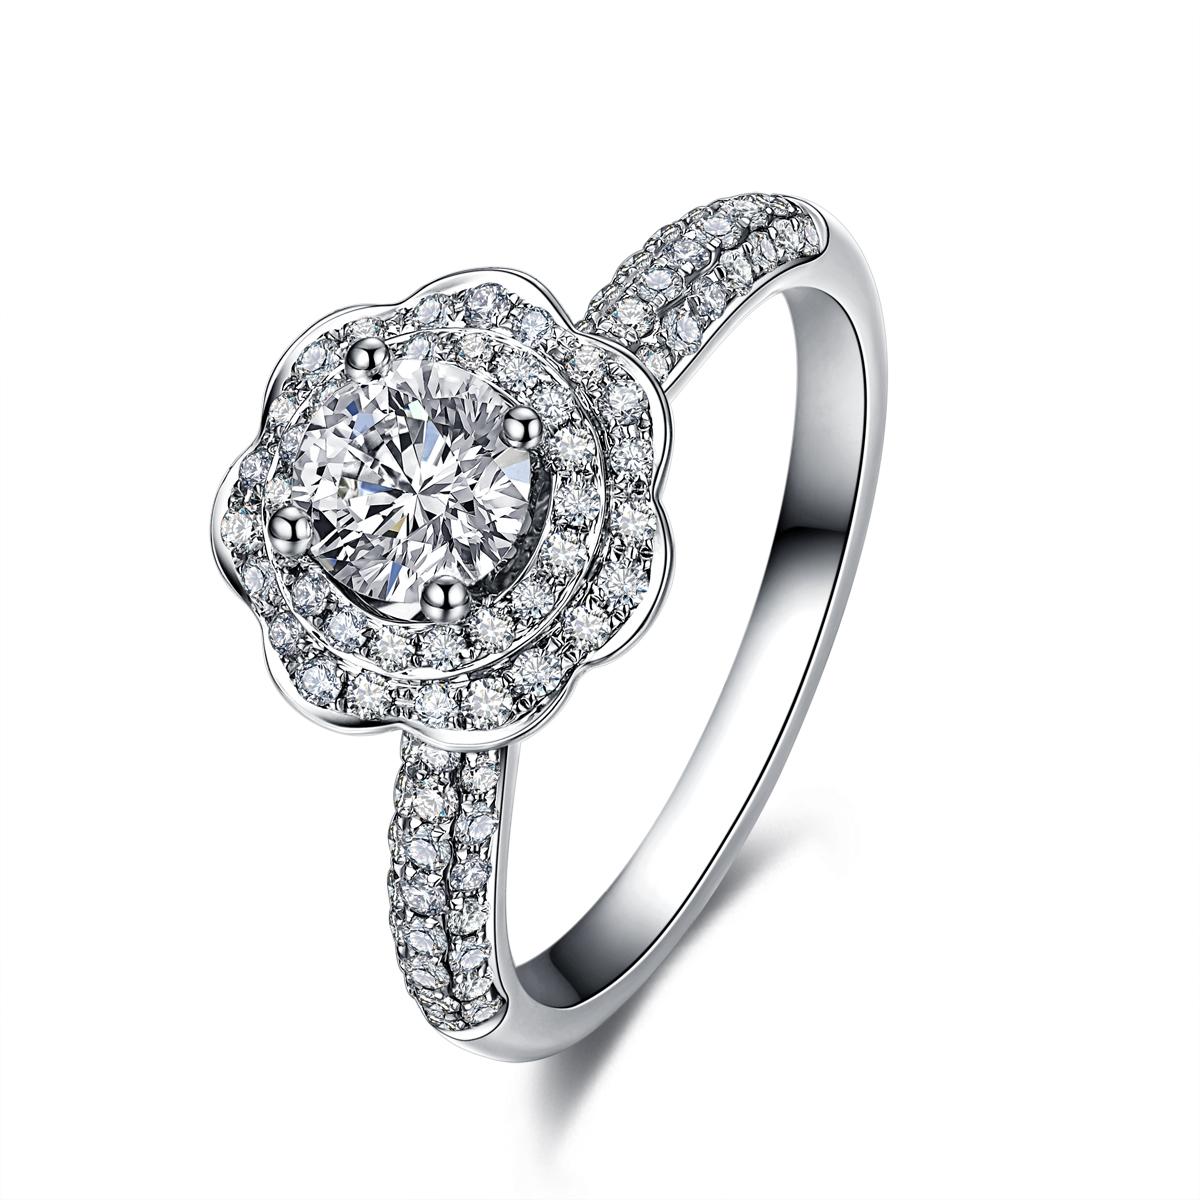 新娘要如何鉴别钻石真假